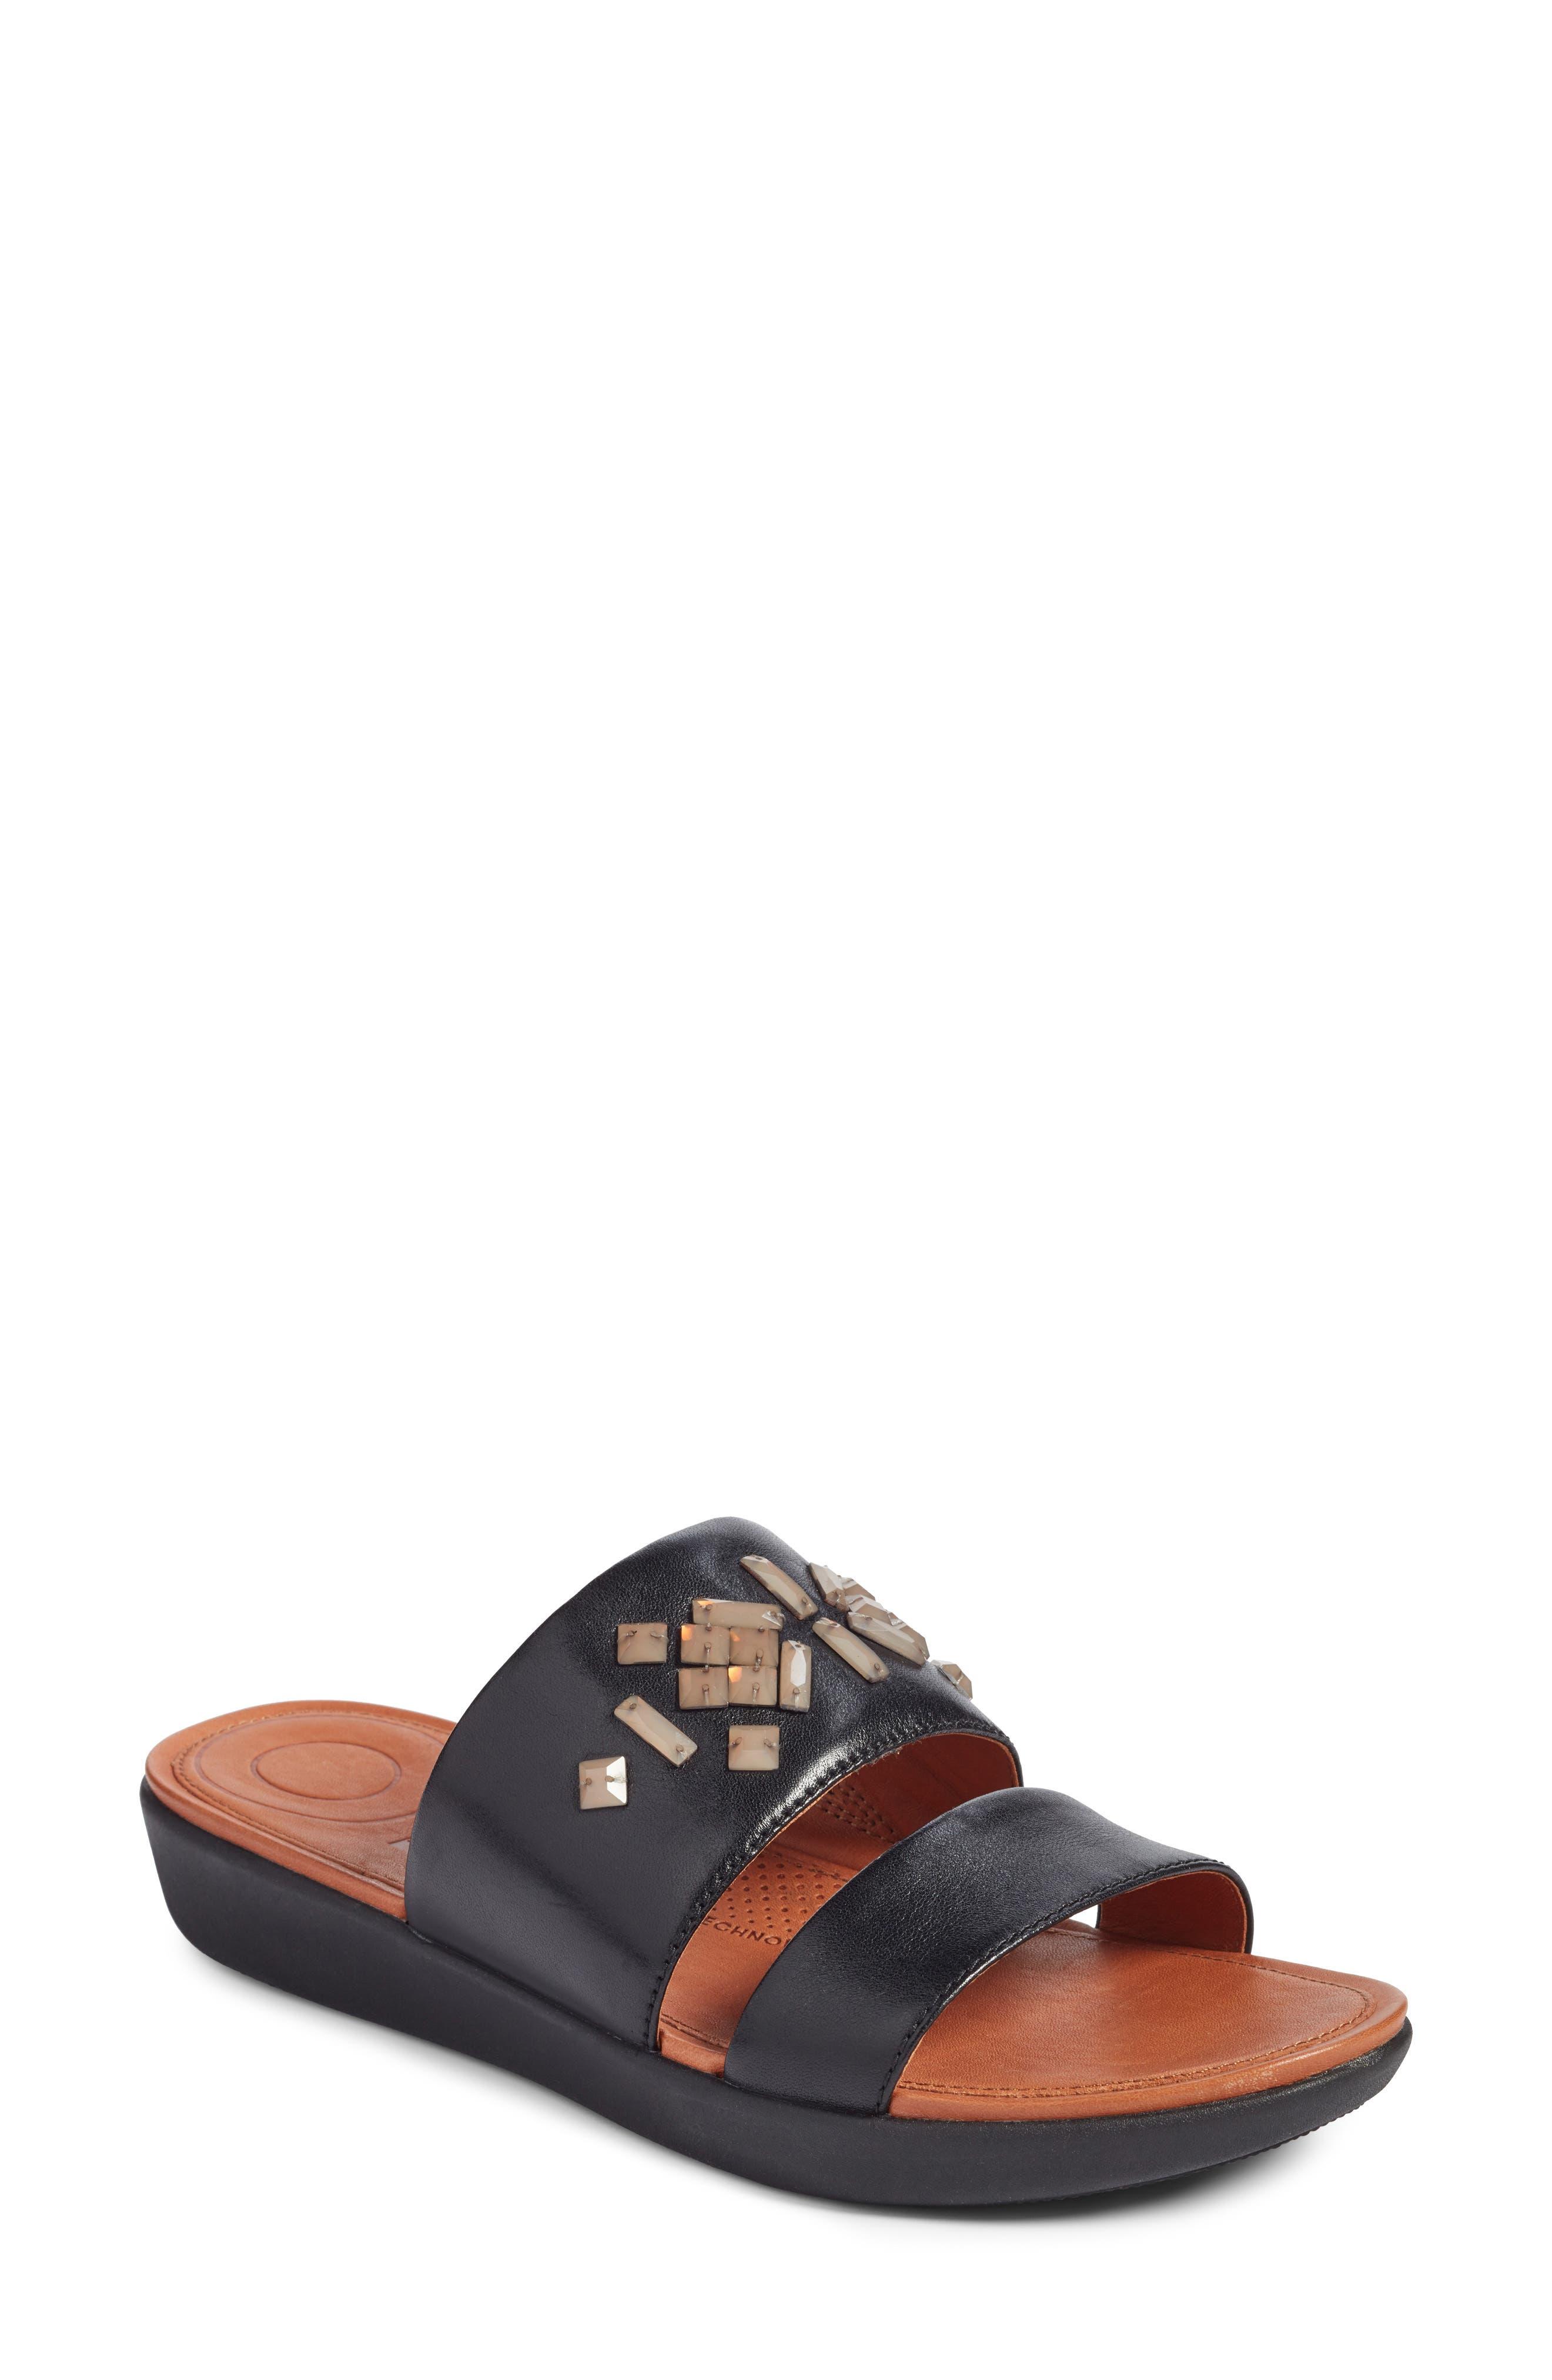 Alternate Image 1 Selected - FitFlop Delta Slide Sandal (Women)